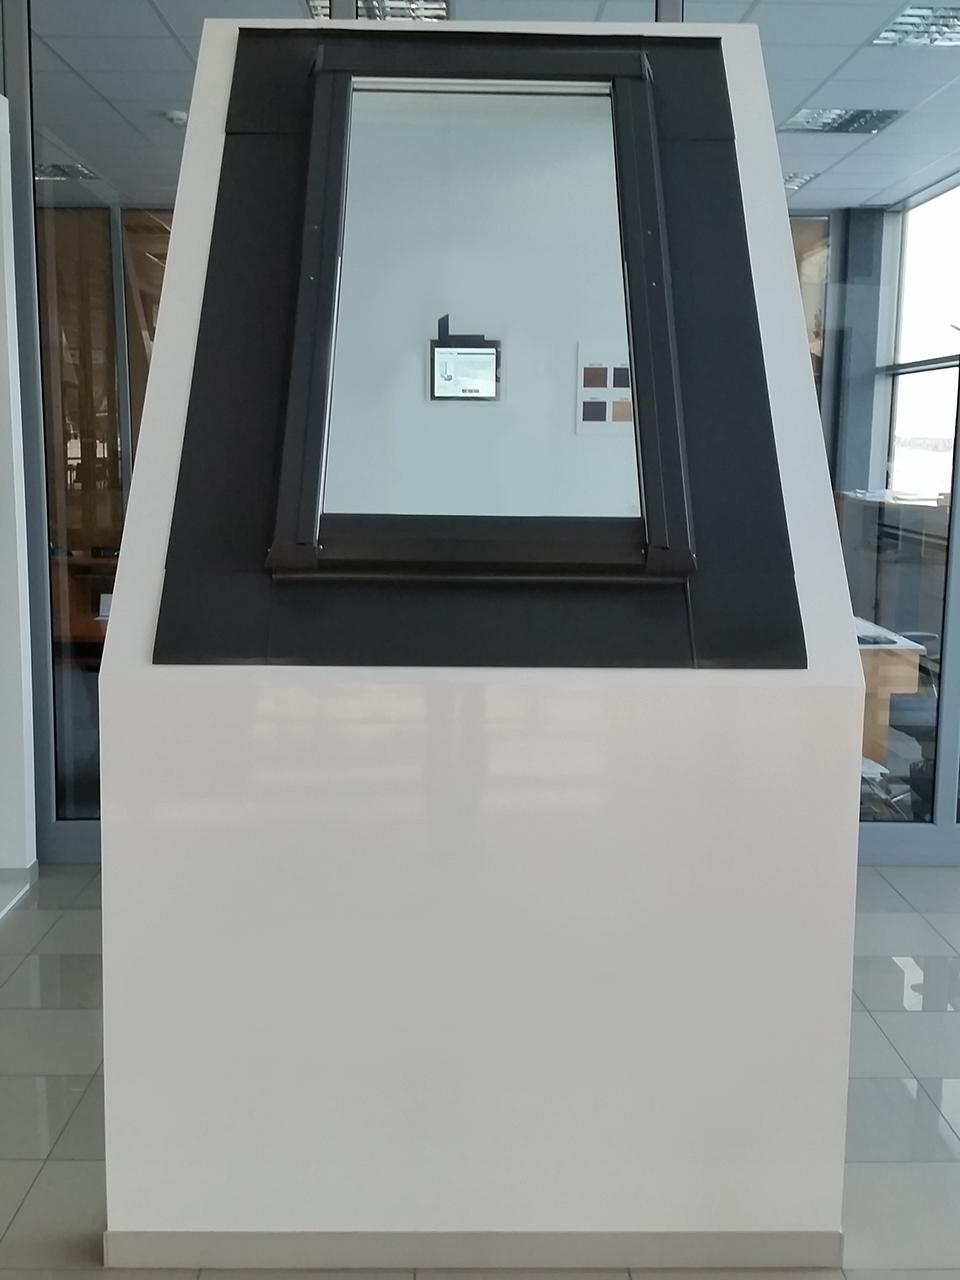 swiss fenster pvc kunststofffenster fenster nach ma hergestellt lieferung kostenlos. Black Bedroom Furniture Sets. Home Design Ideas